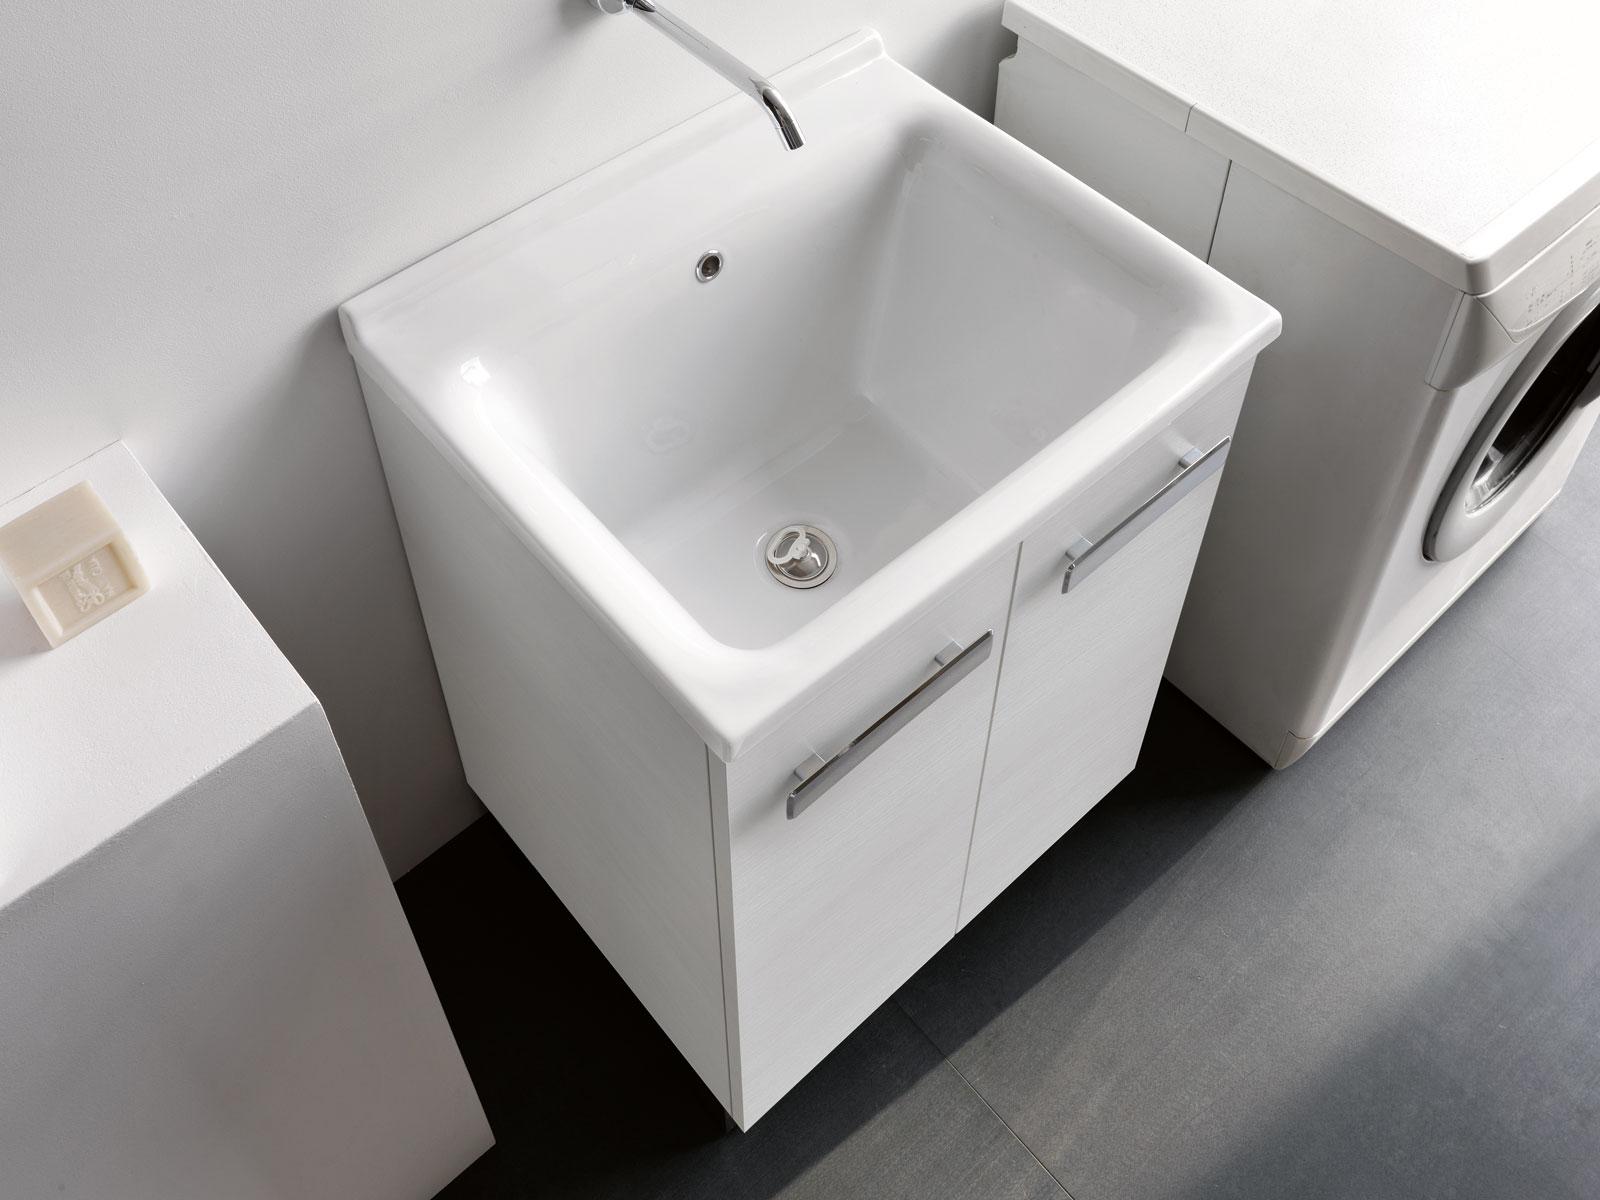 Lavatoio ceramica tutte le offerte cascare a fagiolo - Mobile lavatoio ...